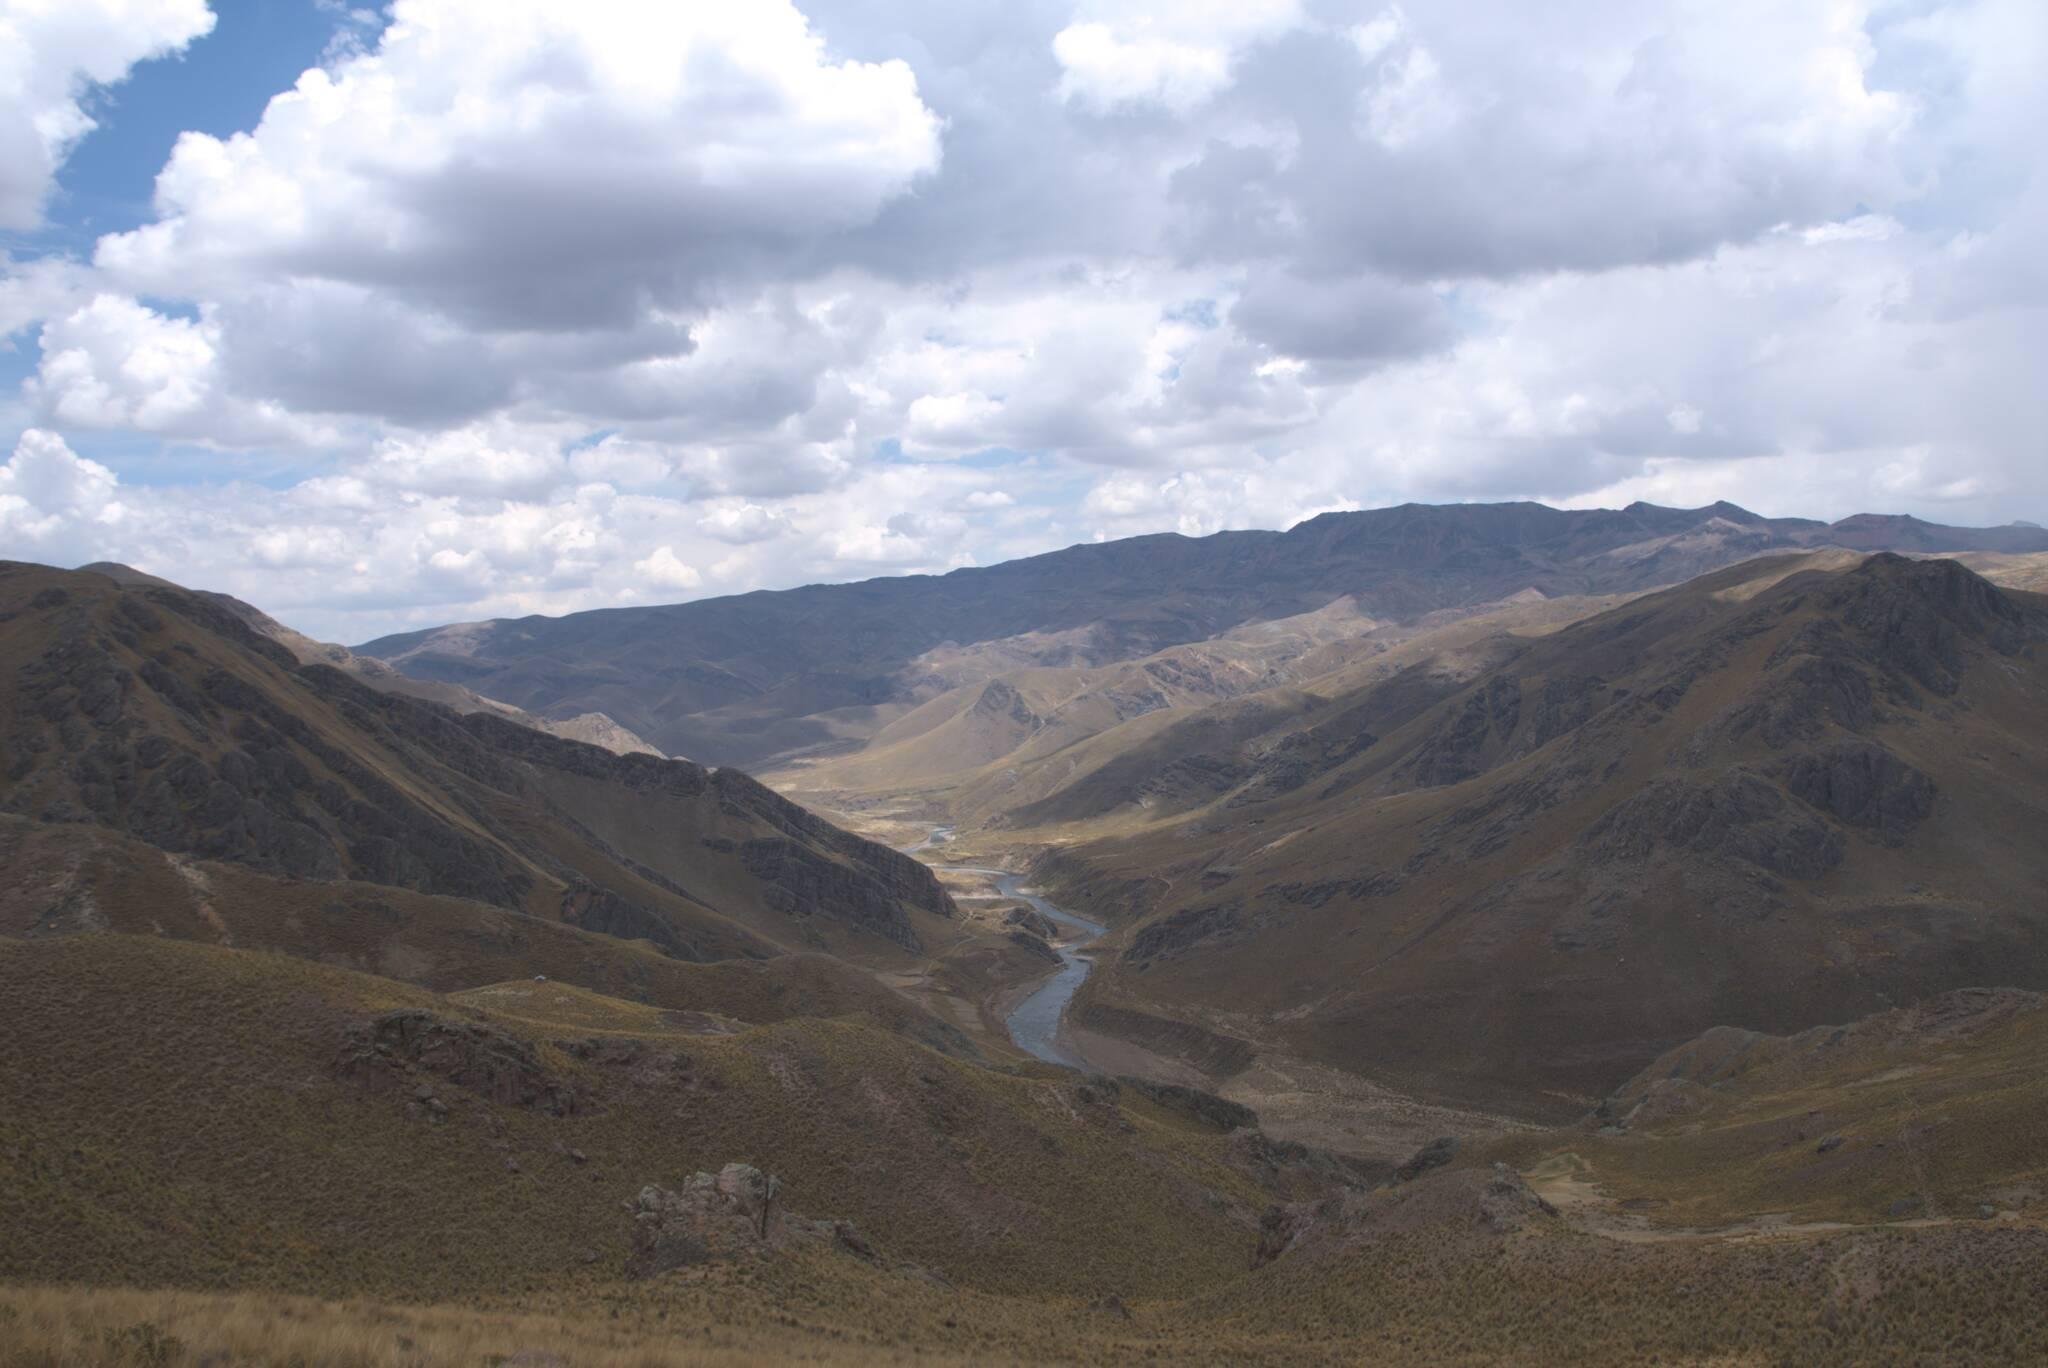 Rzeka Colca w górnym biegu jest jeszcze bardzo długa